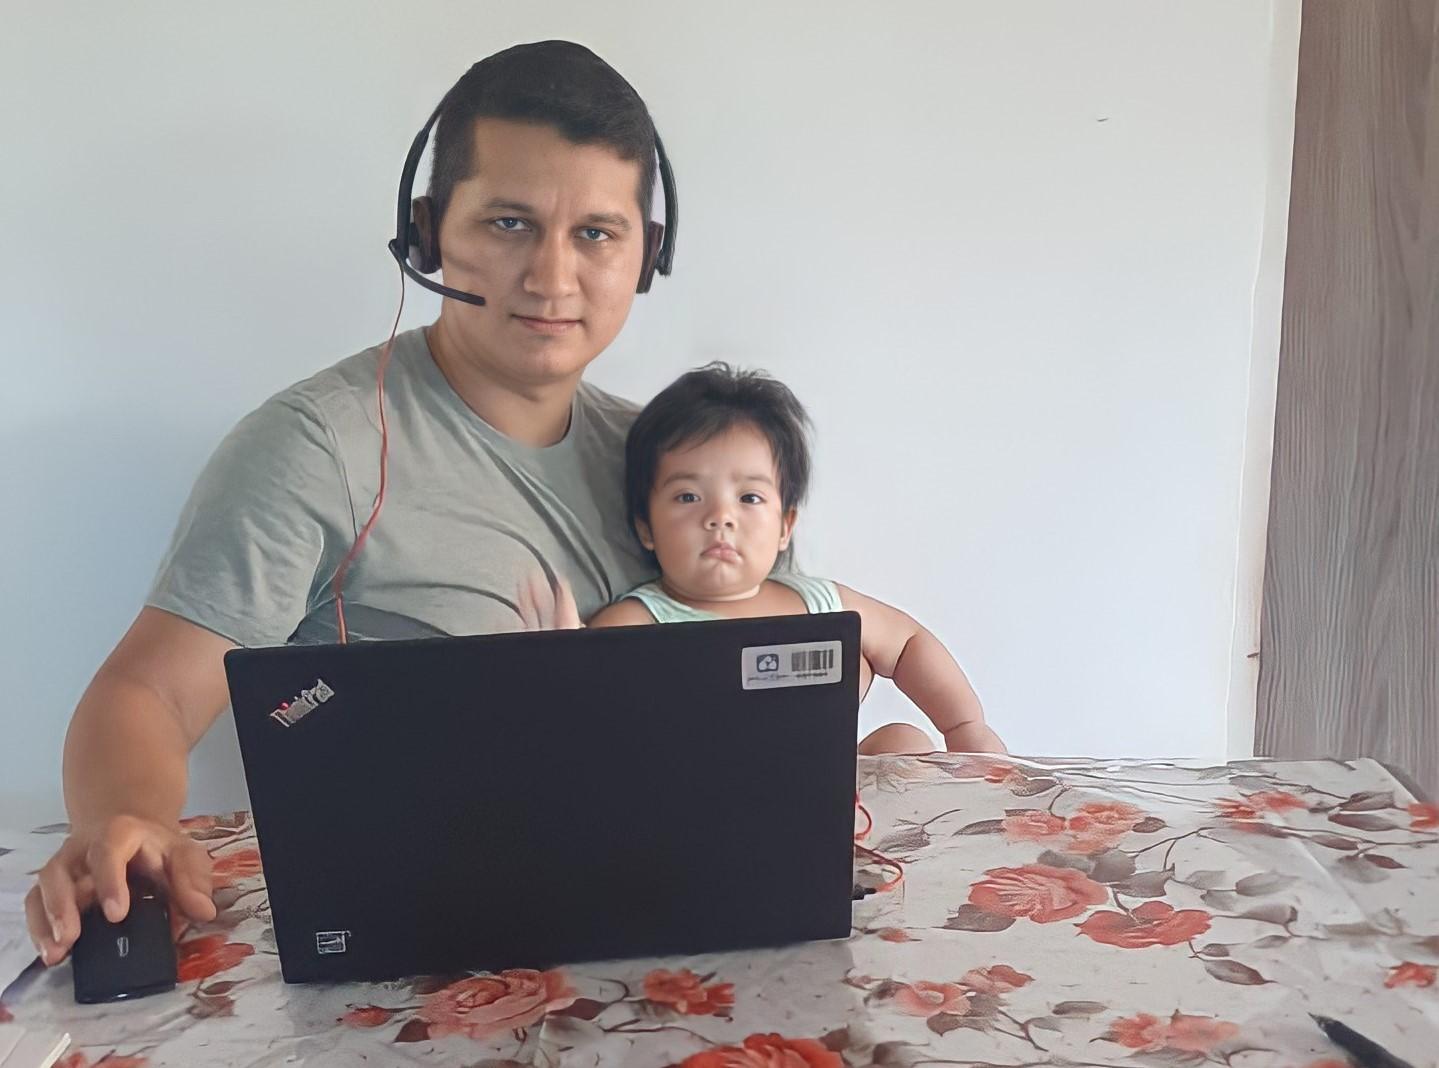 Parceria de ensino transforma vidas e histórias em Juruti, oeste do Pará